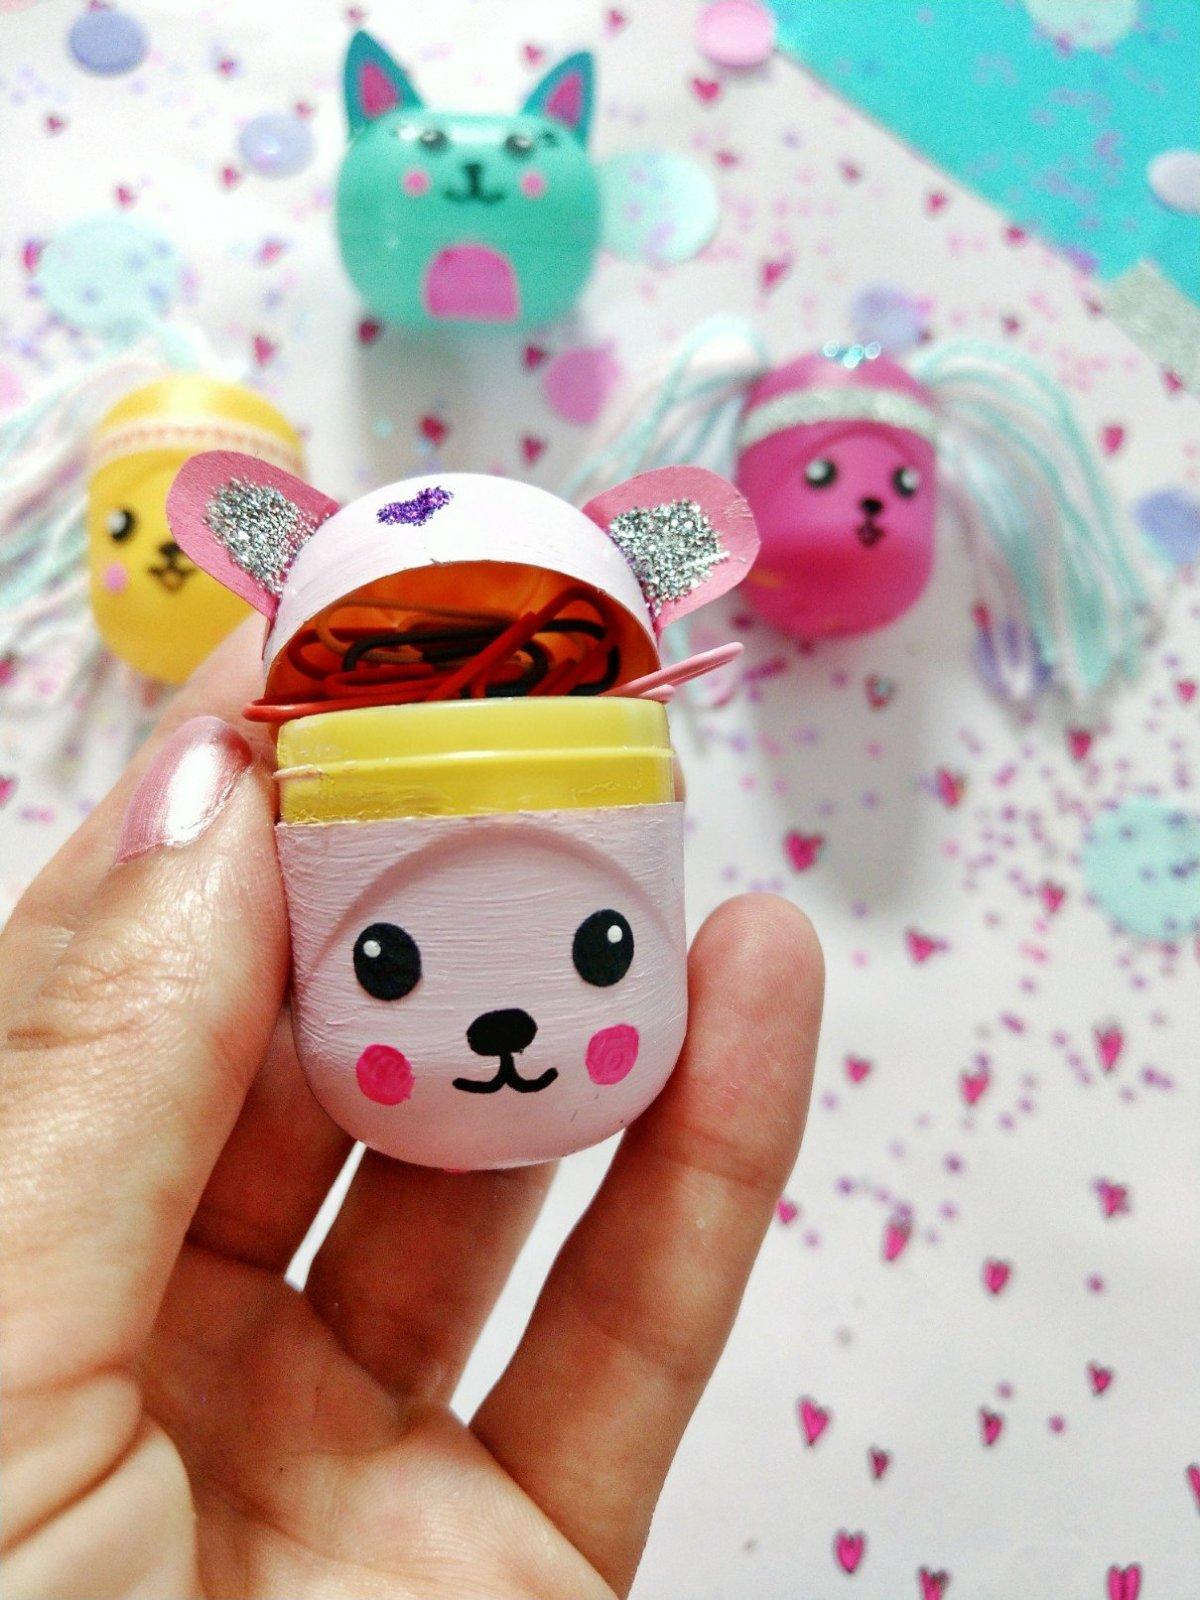 Tolle Bastelidee für Überraschungseier zum selber machen mit Kindern. Tolle Verpackung für kleine Dinge. Egal ob für die Schule oder als Geschenk, diese lustigen Eier findet jeder süß.